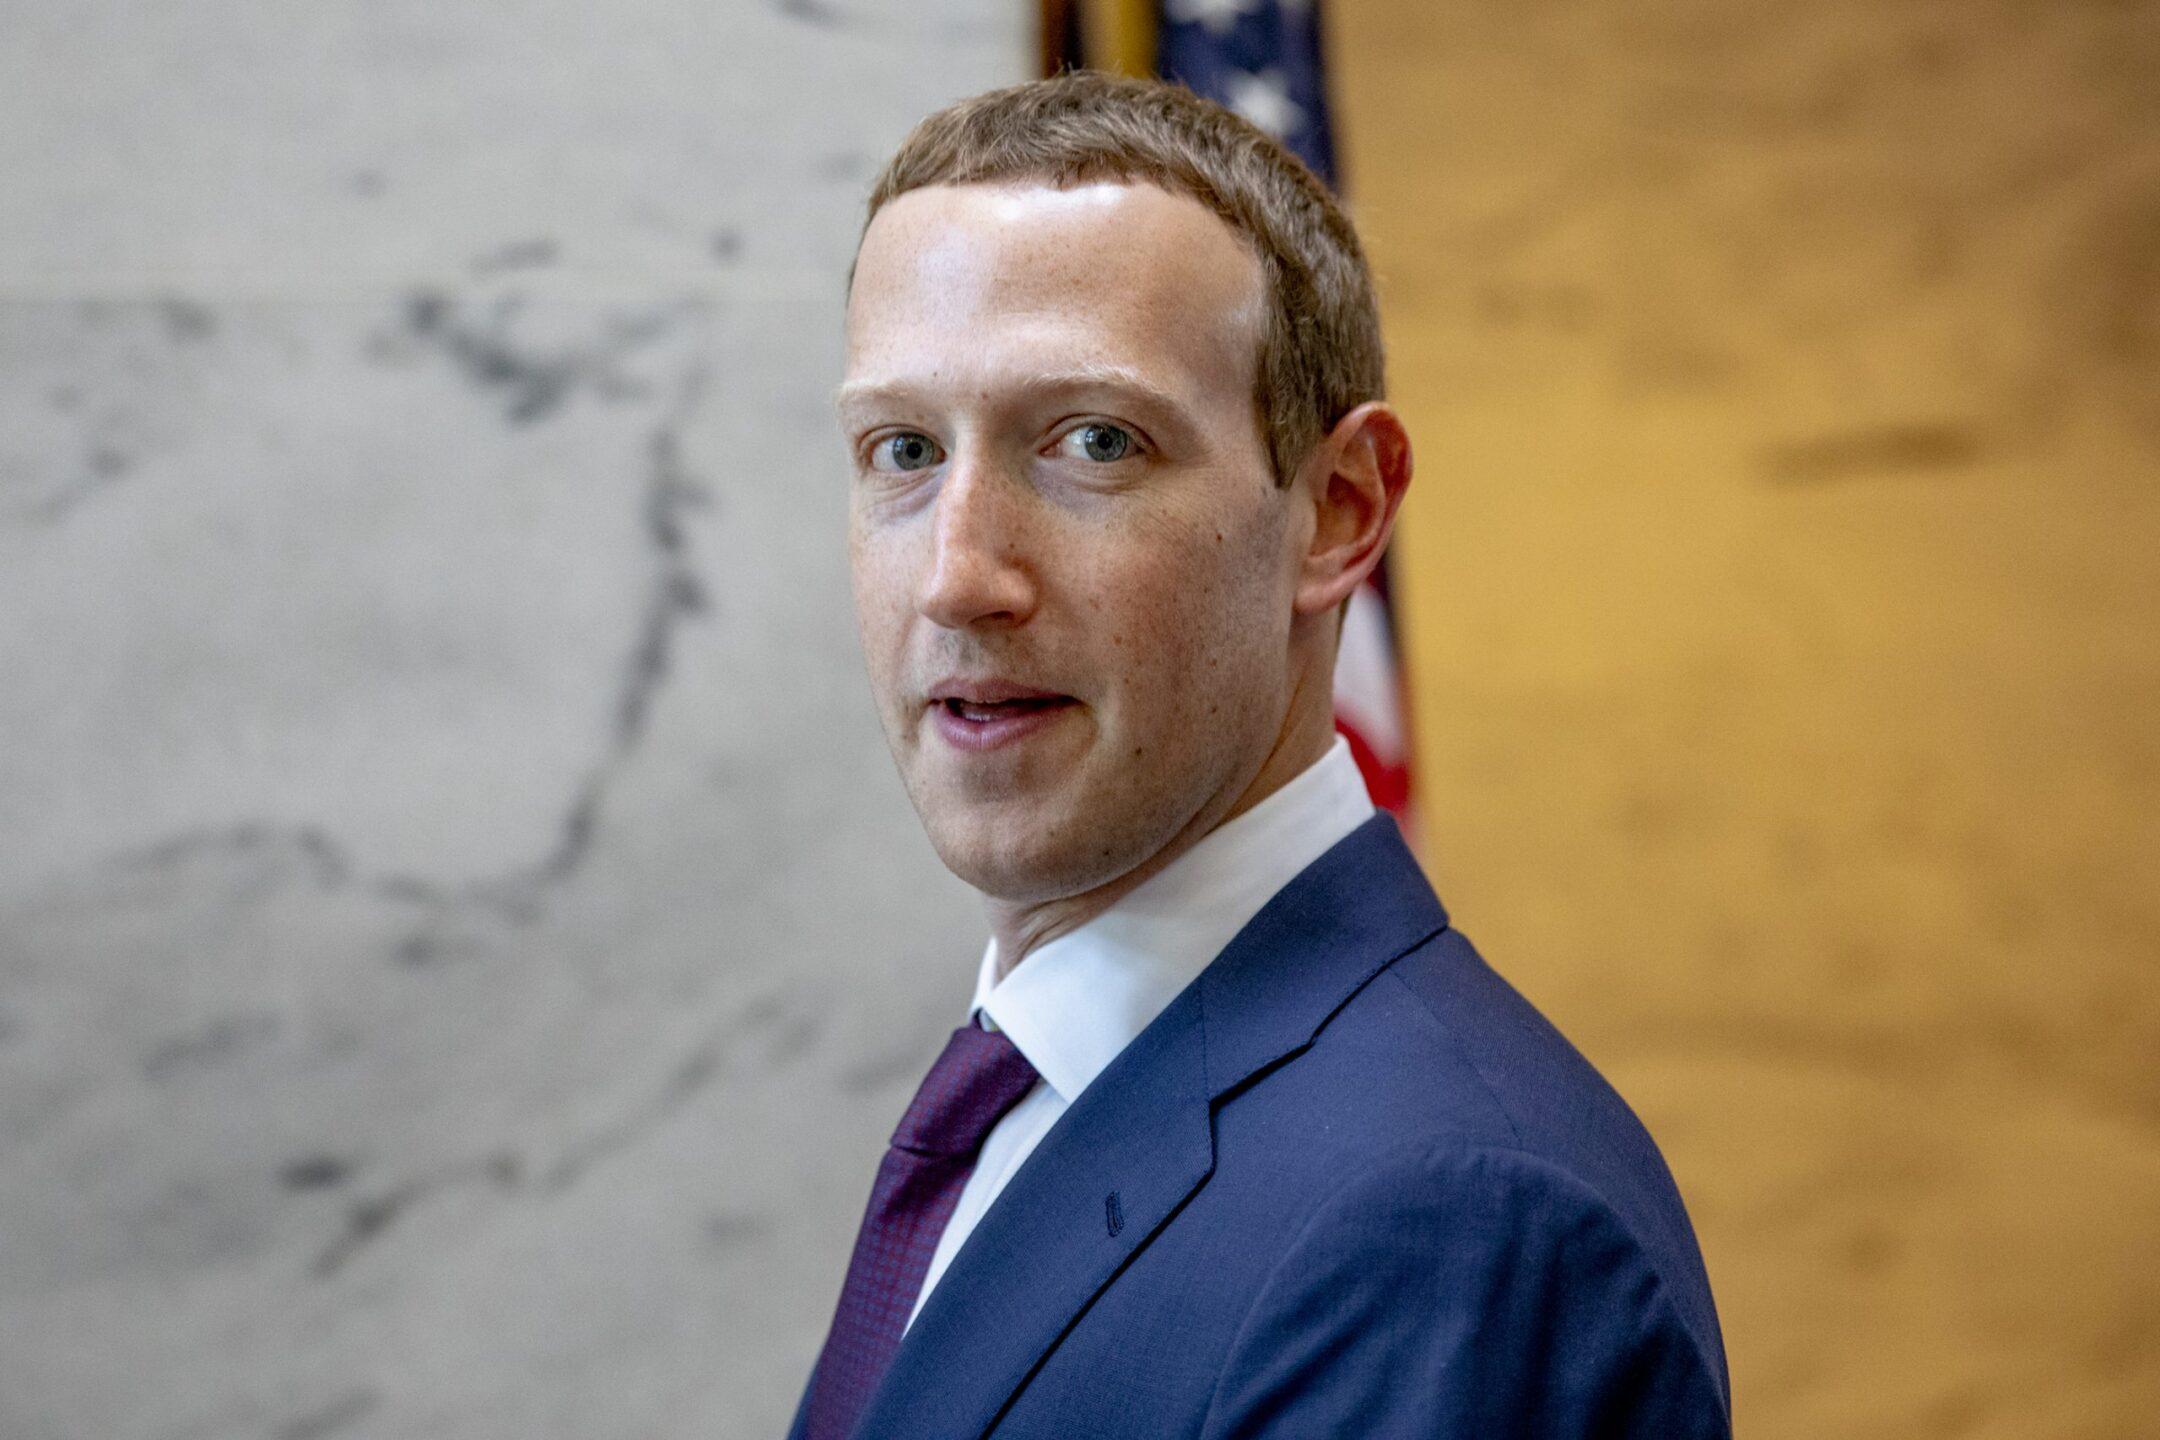 Coronavirus, gli impegni del CEO di Facebook Mark Zuckerberg